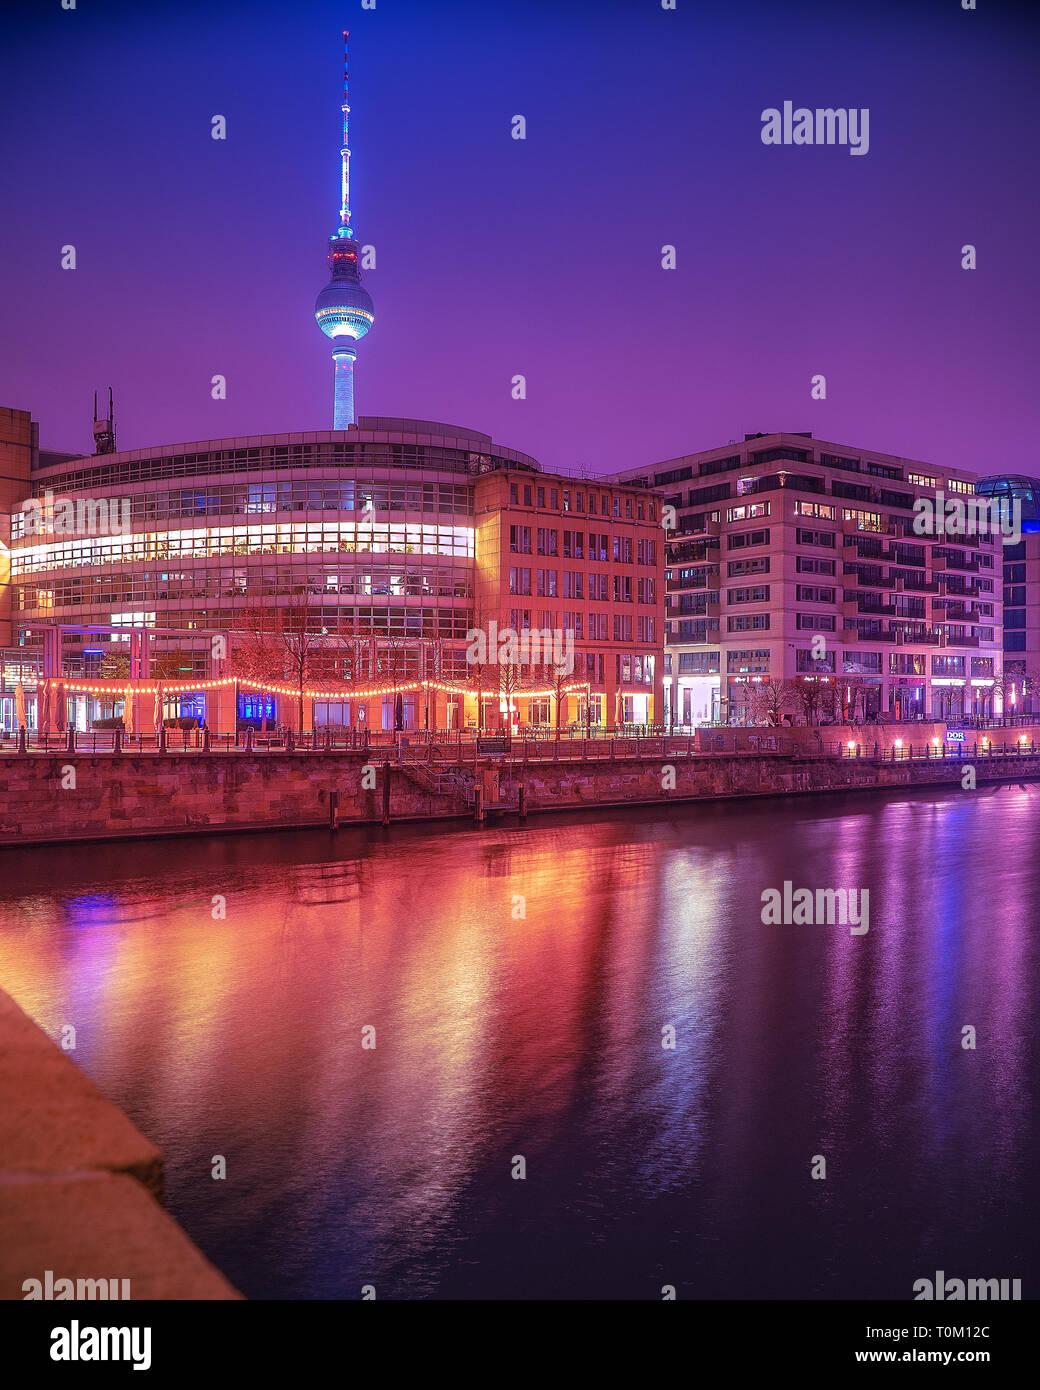 Berlin Ville de nuit avec de beaux néons dans un autre look futuriste Banque D'Images